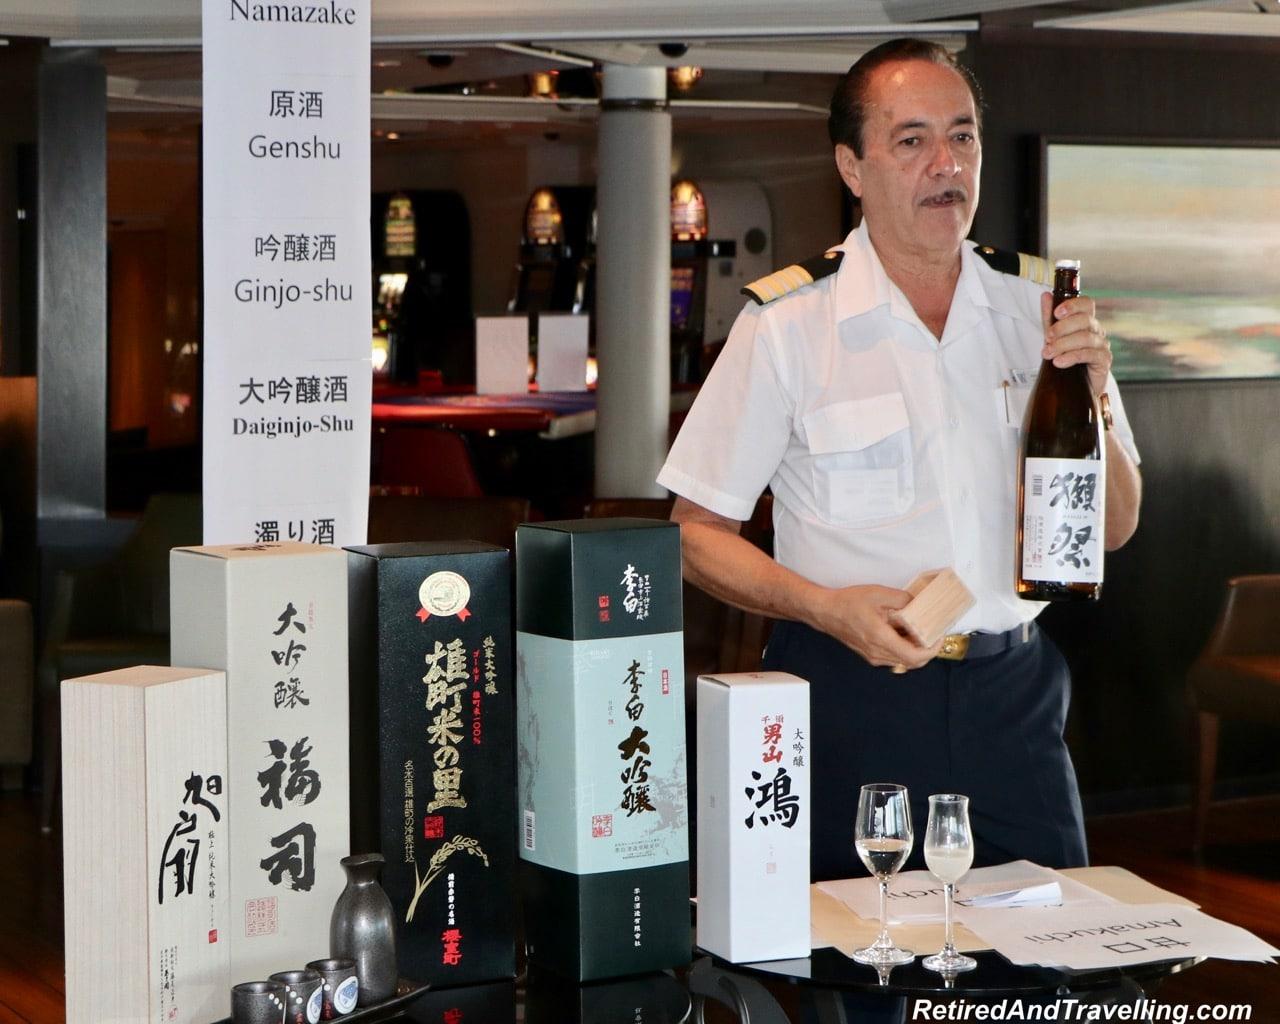 James Windstar Cruises - Sake Tasting At Sea.jpg